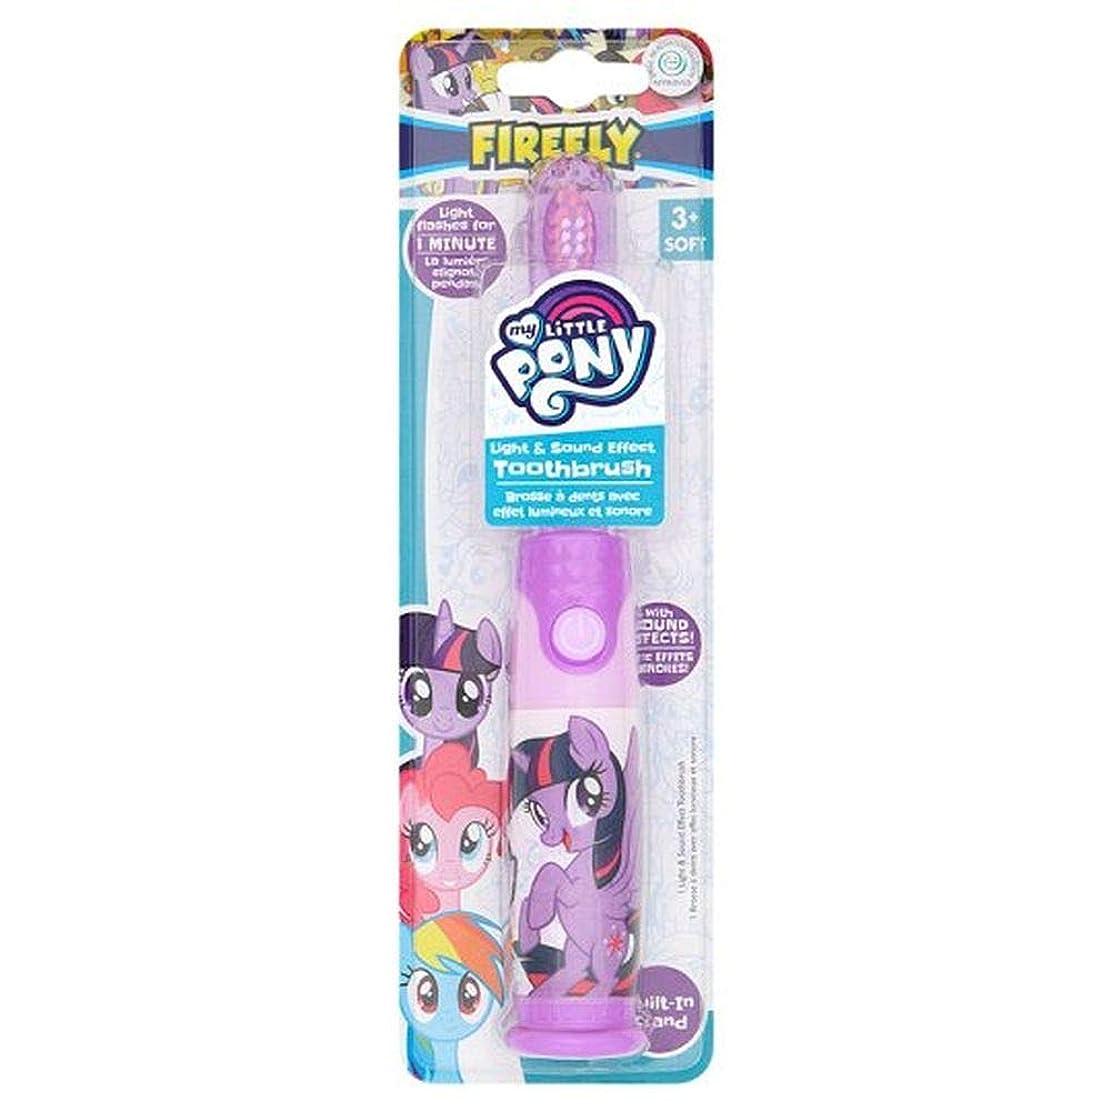 政策ドロー危機[Firefly ] 私の小さなポニーのホタルの光と音の歯ブラシ - My Little Pony Firefly Light And Sound Toothbrush [並行輸入品]